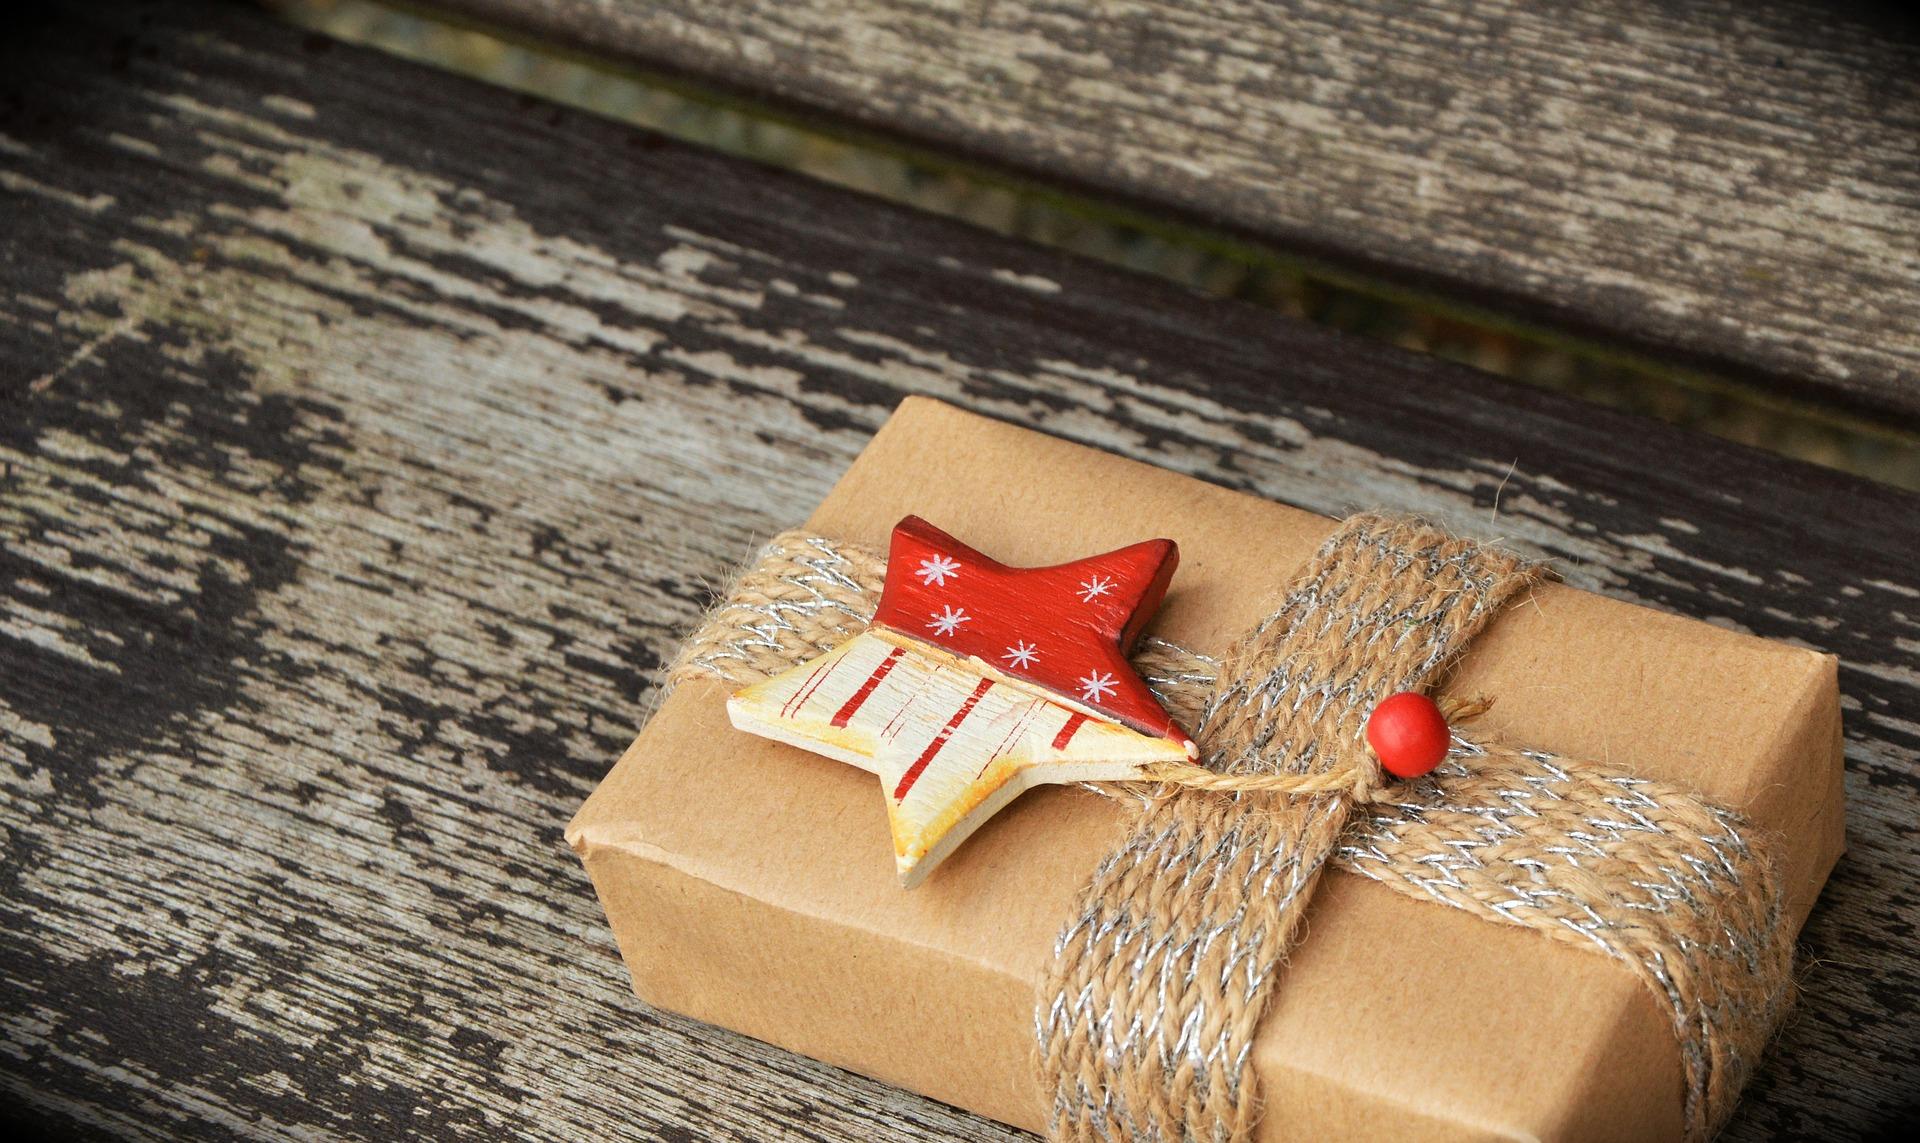 Une tonne d'idées cadeaux pour tout le monde : tout ce qu'il vous faut pour le bonheur des autres